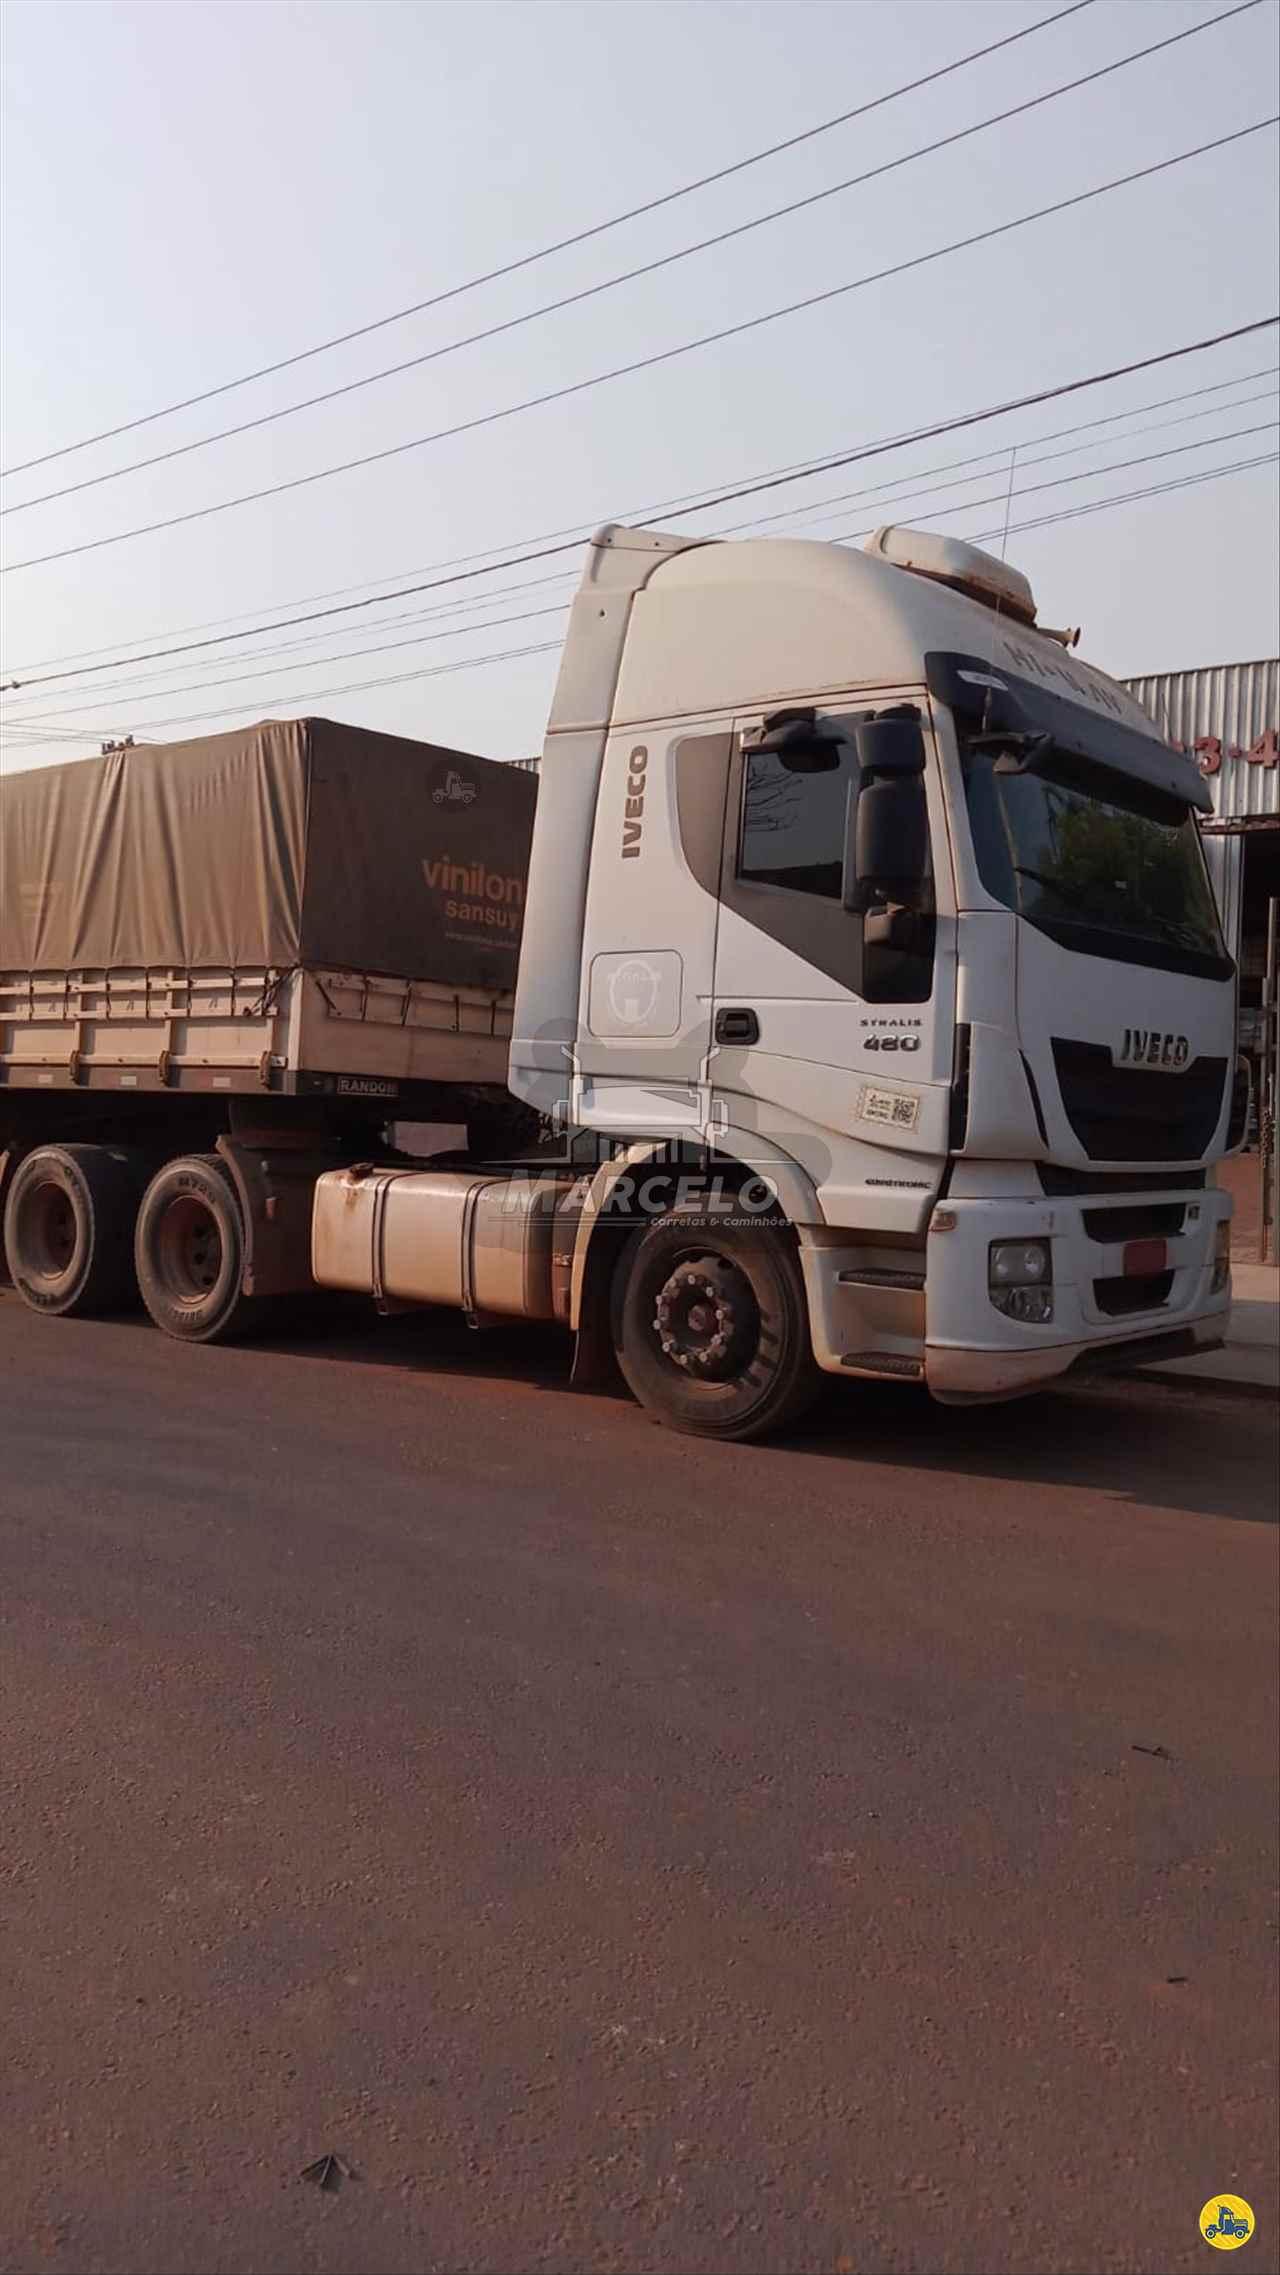 CAMINHAO IVECO TRAKER 480 Cavalo Mecânico Traçado 6x4 Marcelo Carretas e Caminhões PIRAPOZINHO SÃO PAULO SP